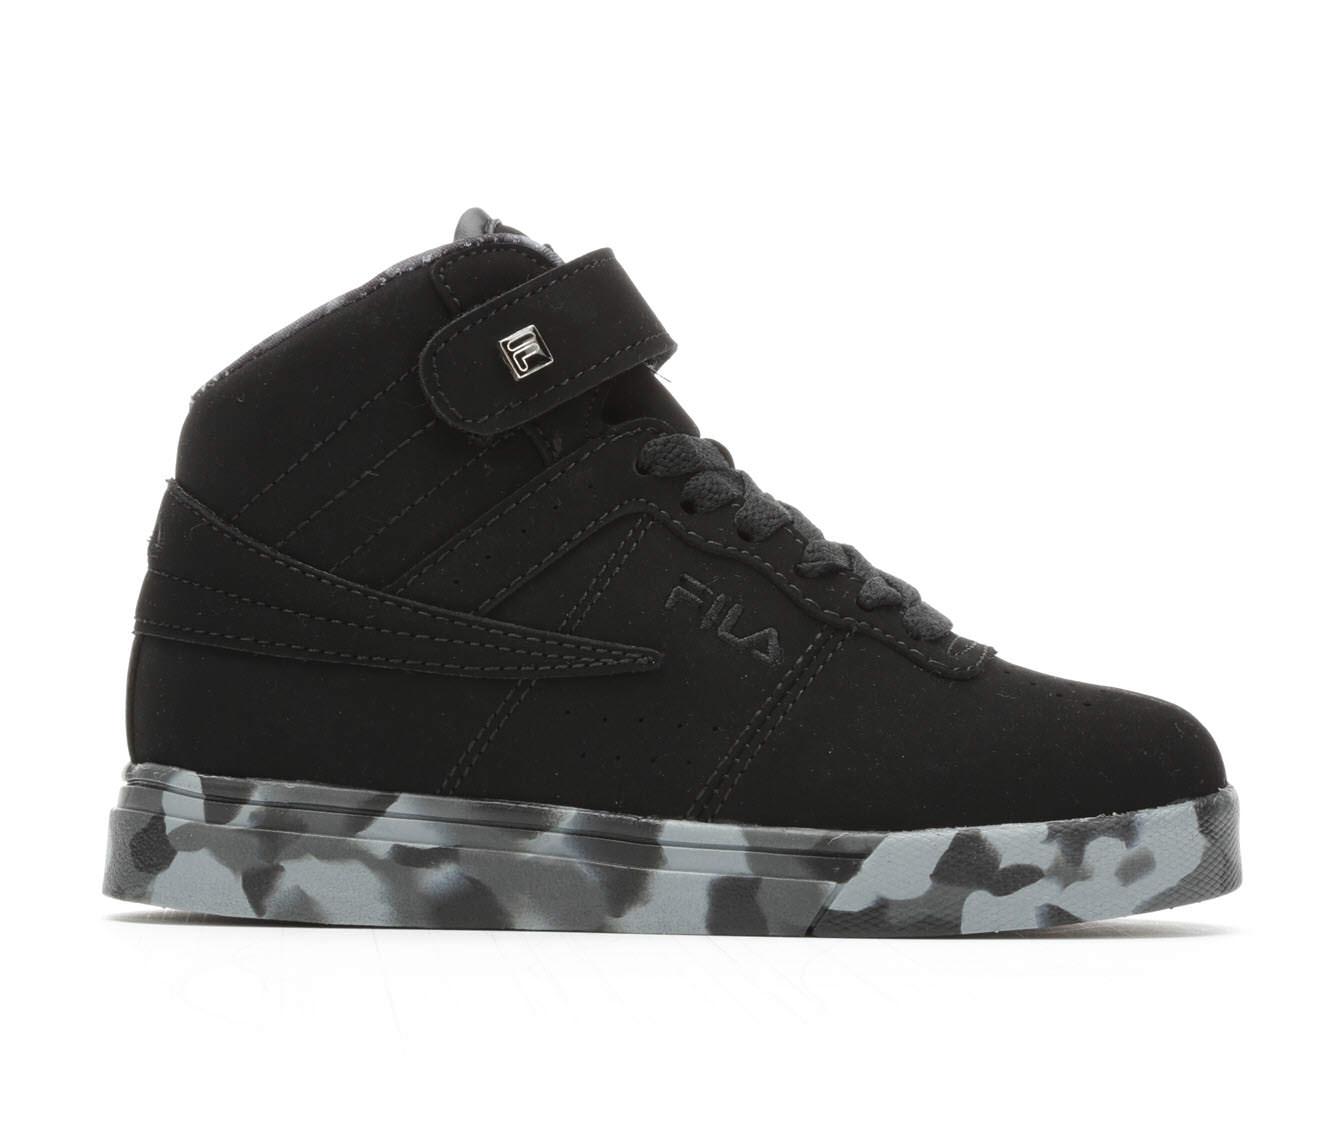 Boys' Fila Vulc 13 Mid Plus Mashup Basketball Shoes (Black)